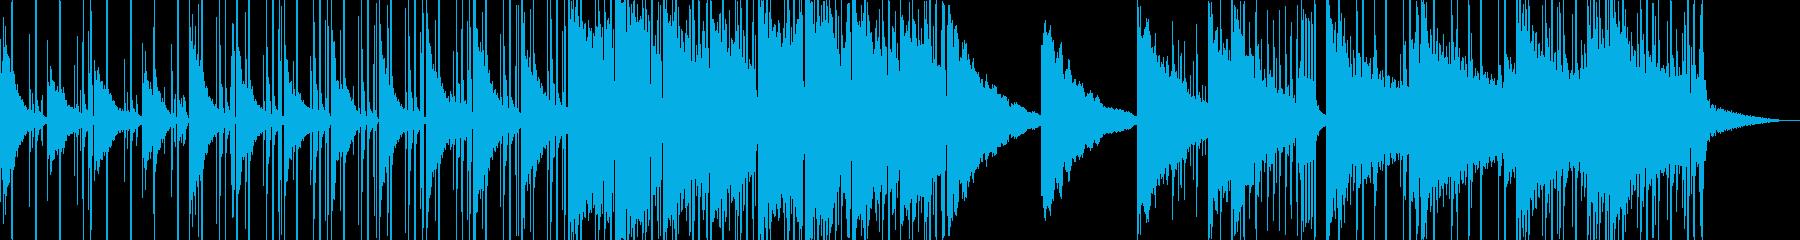 【ジャズ】ムード漂う夜景に合わせた音作りの再生済みの波形